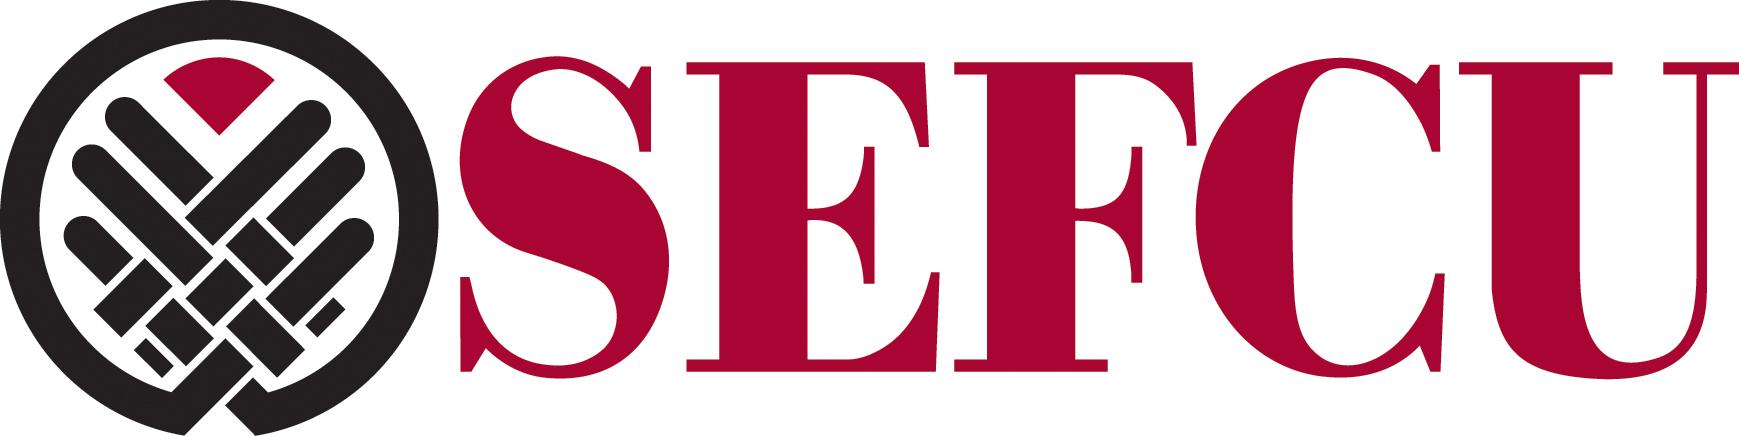 S E F C U Logo